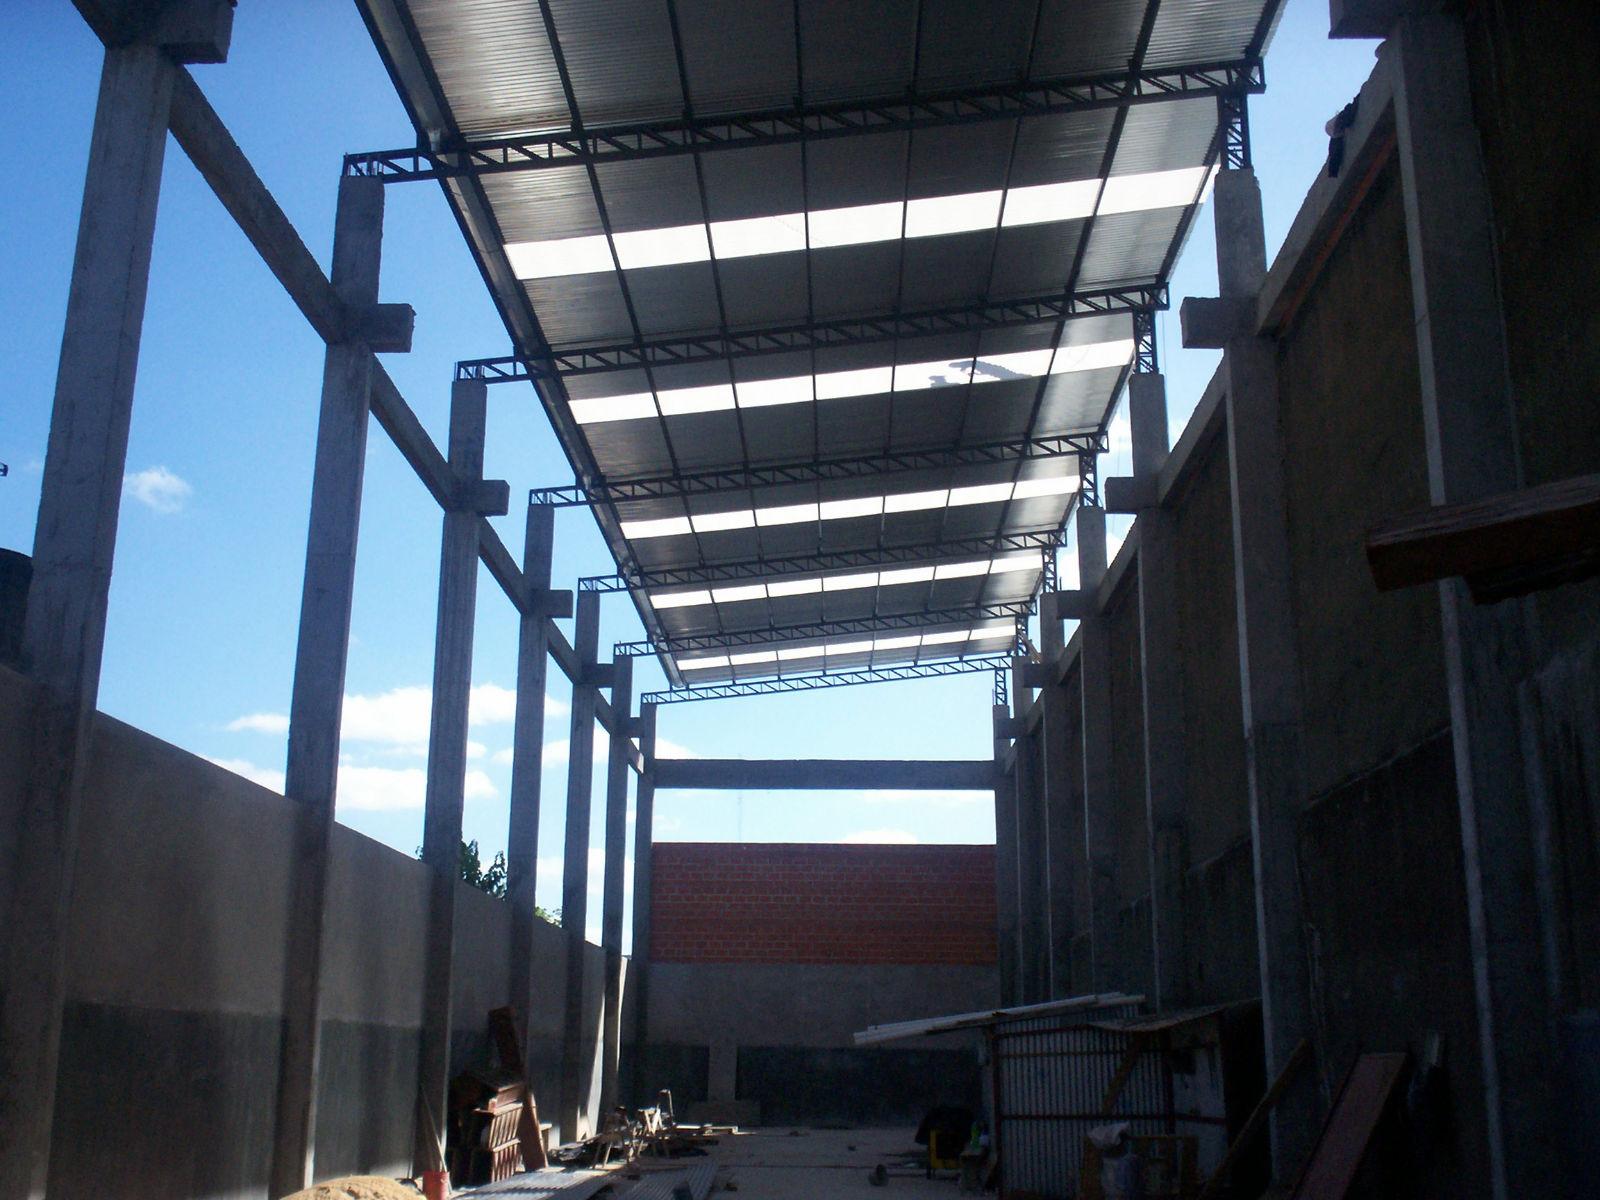 Estructuras metalicas tinglados ob estructura metalica de for Como hacer una estructura metalica para techo